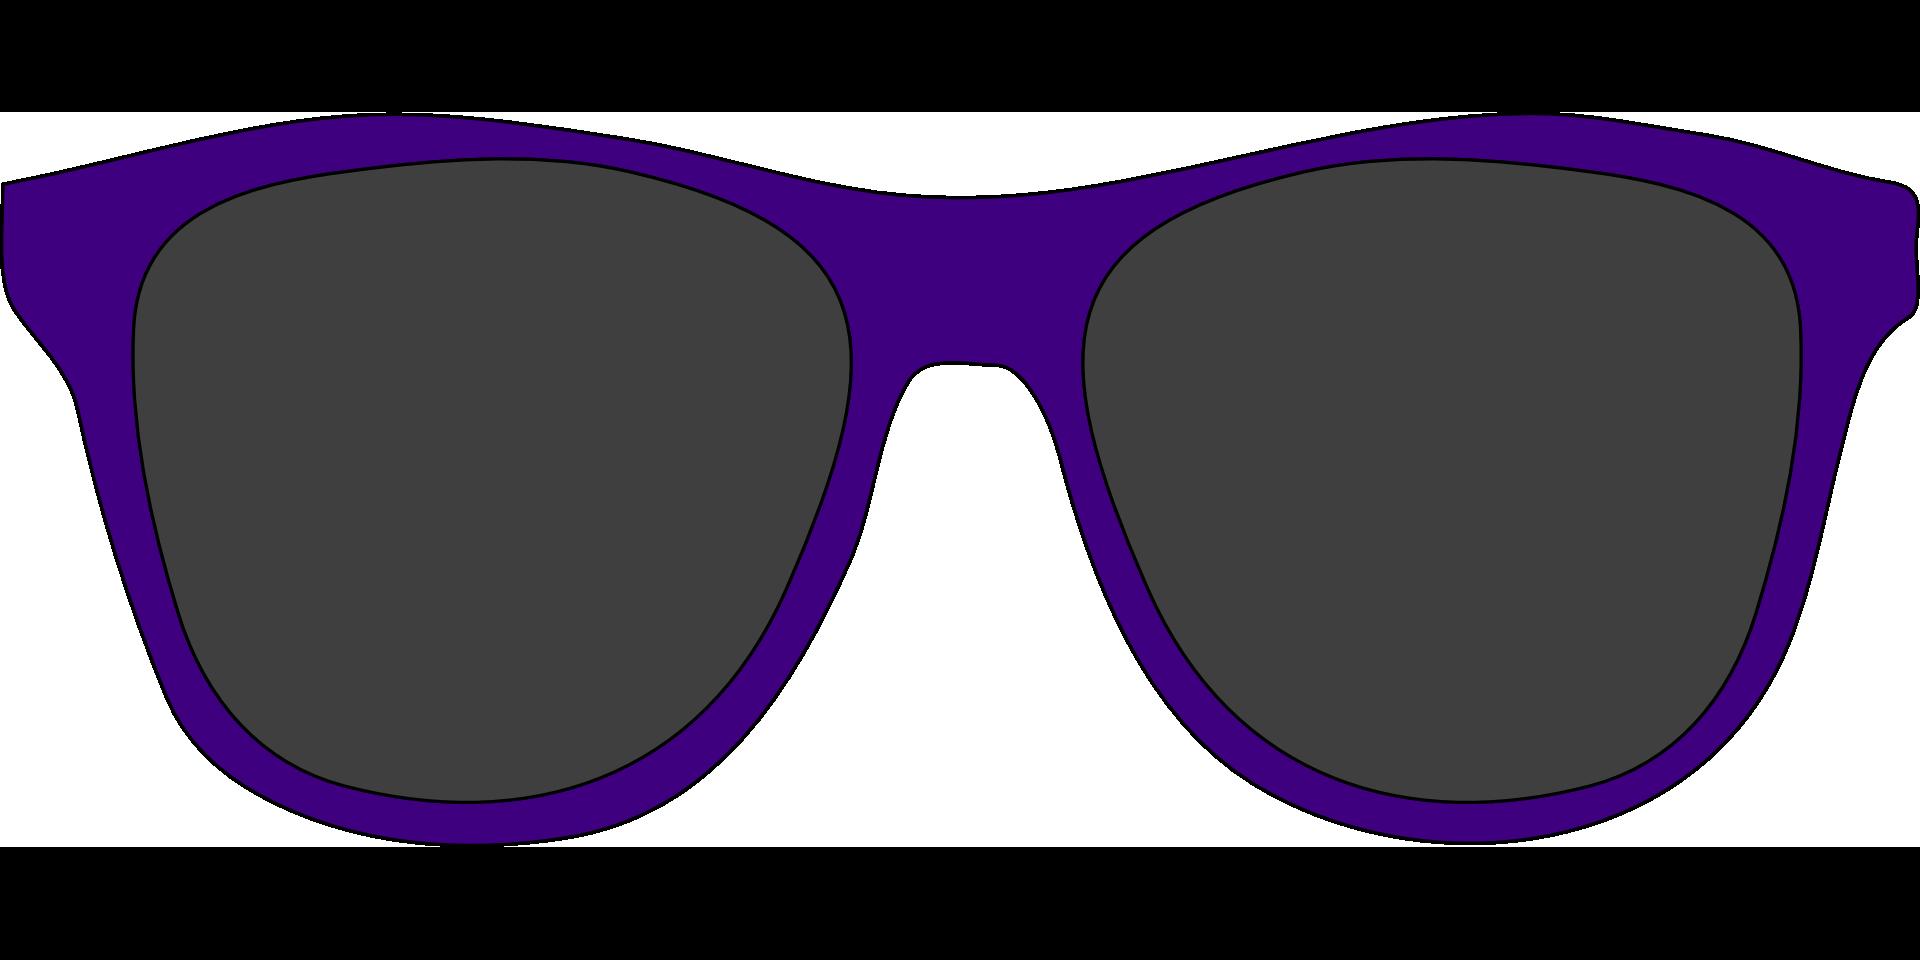 Goggles clip art glasses. Purple clipart sunglasses